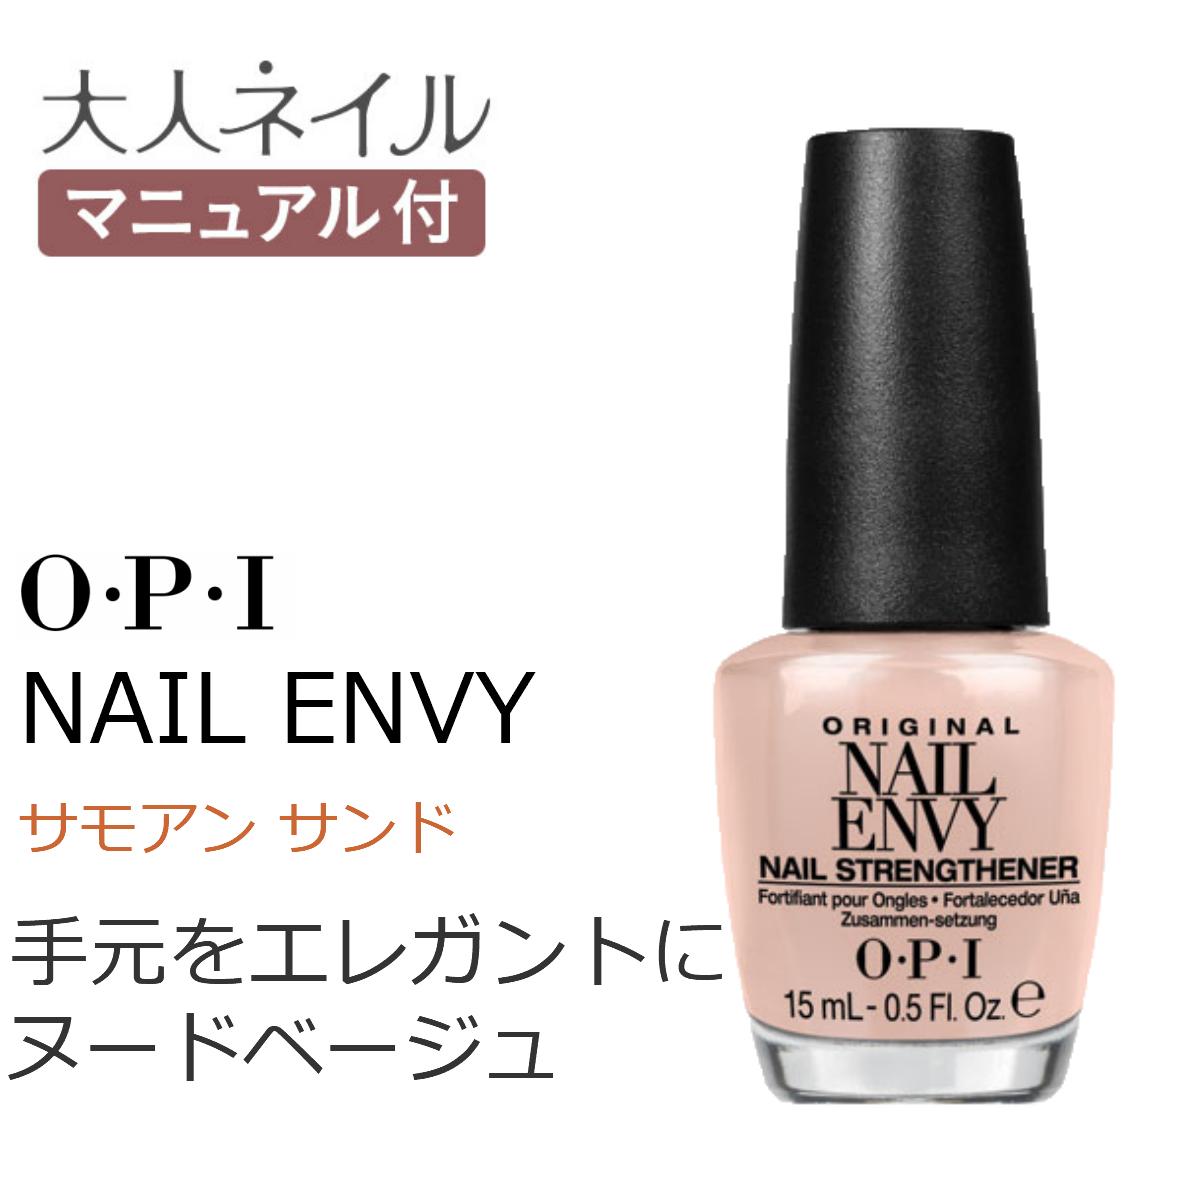 国内正規品 OPI オーピーアイ ネイルエンビー NL 221 Samoan Sand サアモン サンド 15ml カラー 爪強化剤 爪割れ 薄い爪 二枚爪 ネイルケア ベースコート opi